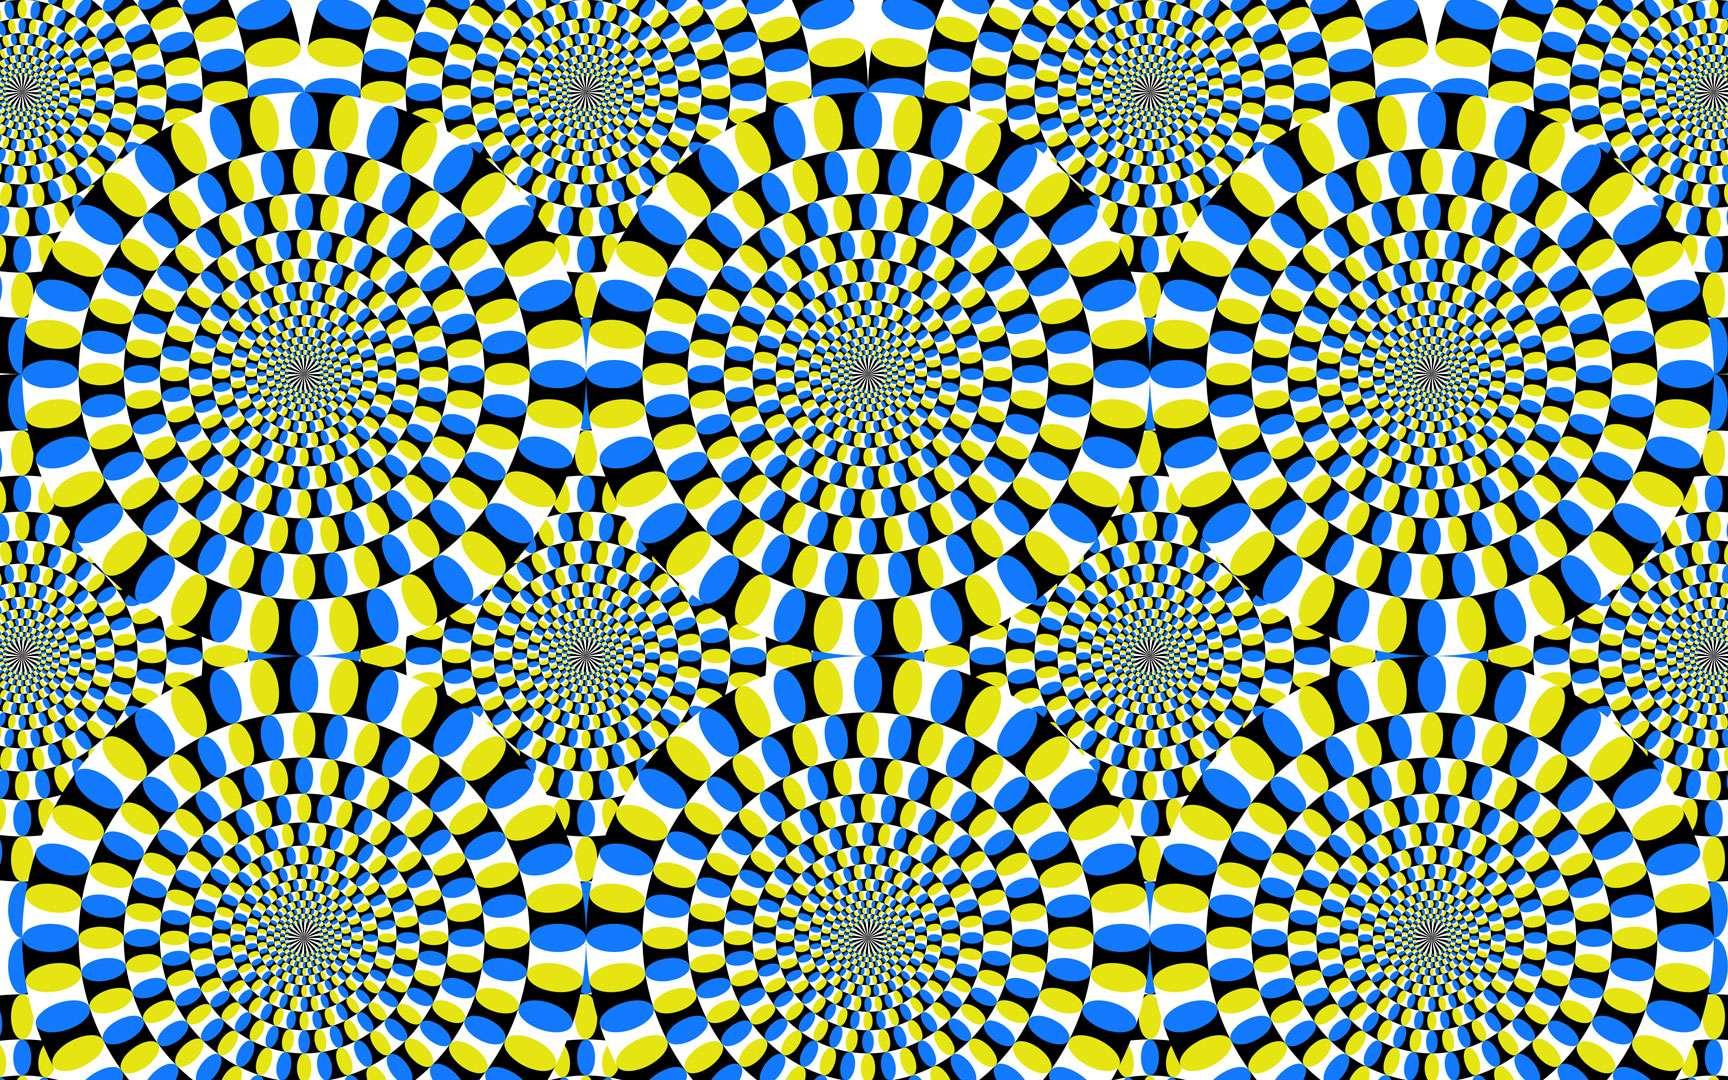 Les serpents tournants d'Akiyoshi Kitaoka. Vous avez certainement déjà croisé ces serpents ; ils sont l'œuvre du Japonais Akiyoshi Kitaoka. Ils sont matérialisés par une multitude de cercles, composés eux-mêmes de cercles concentriques. Lorsque nous balayons du regard cet assemblage, ils s'animent sous l'effet de la répétition et de la concentricité. © Akiyoshi Kitaoka, DR